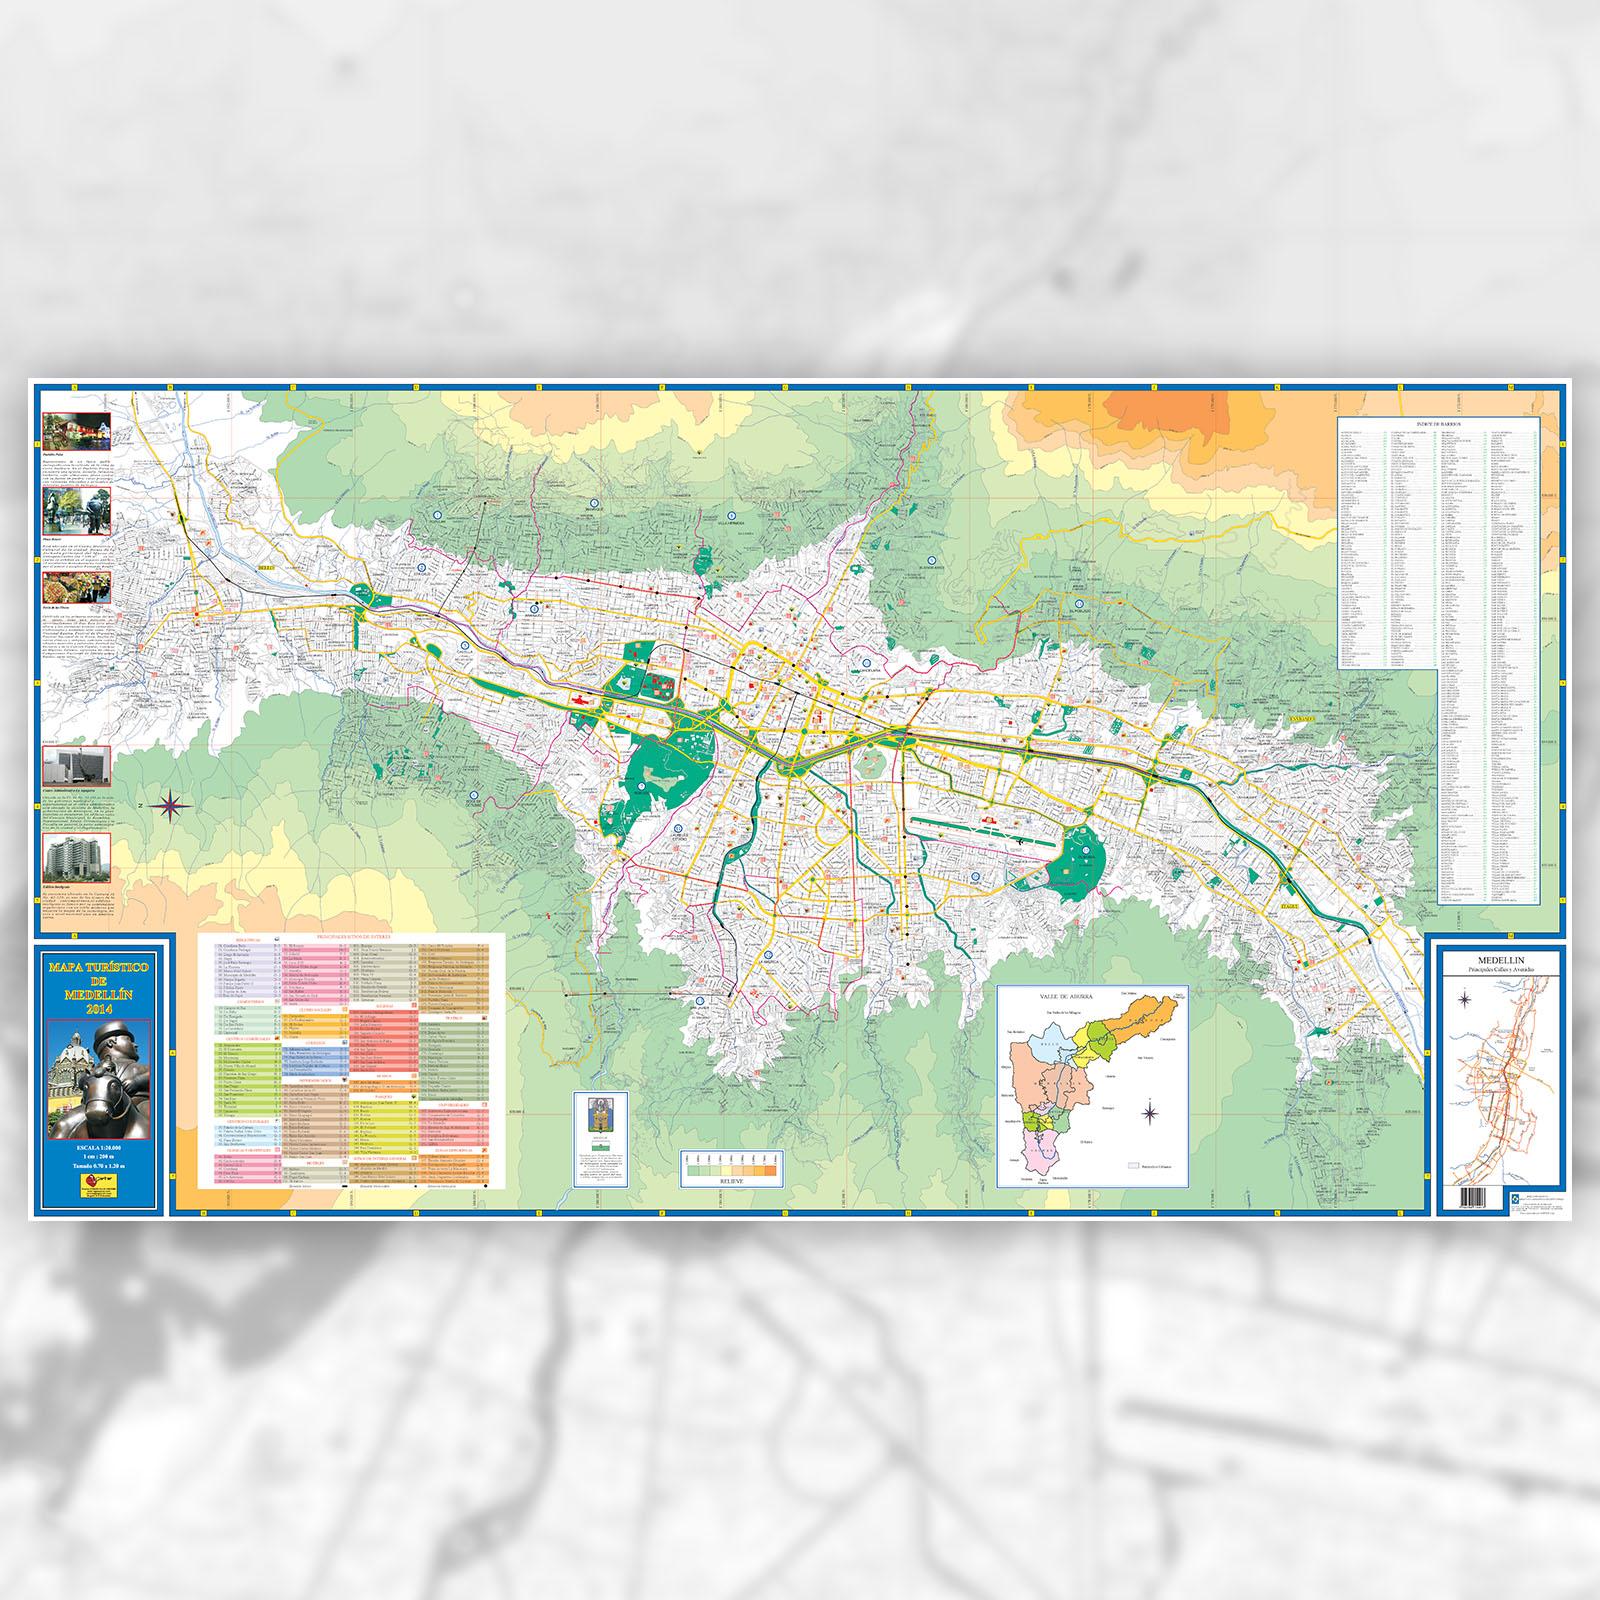 mapas_cartur_ciudades_medellin_01